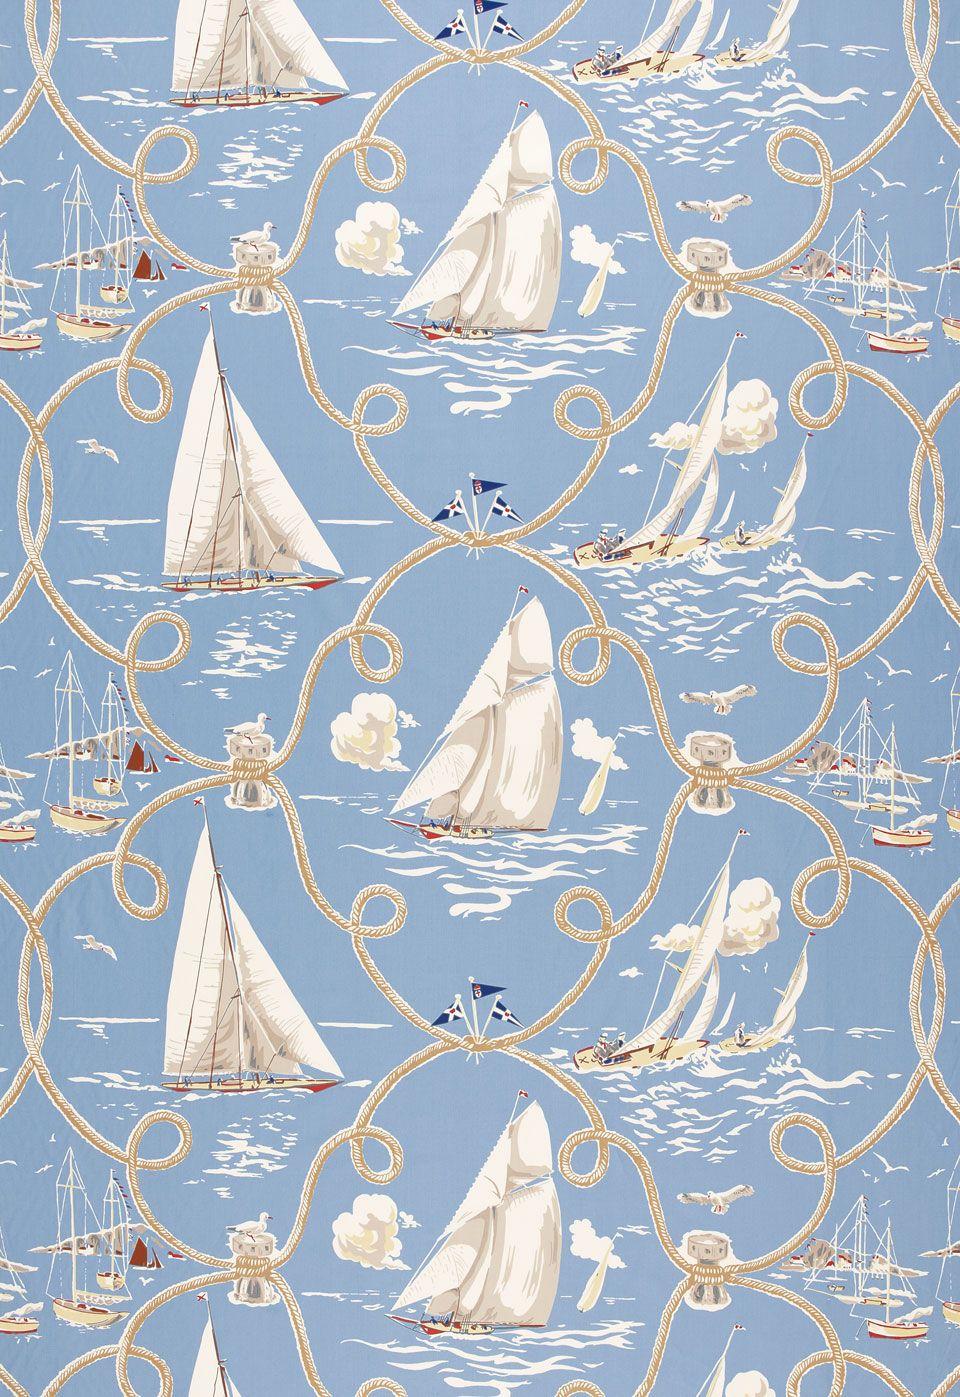 Fabric | Summer Regatta in Water | Schumacher